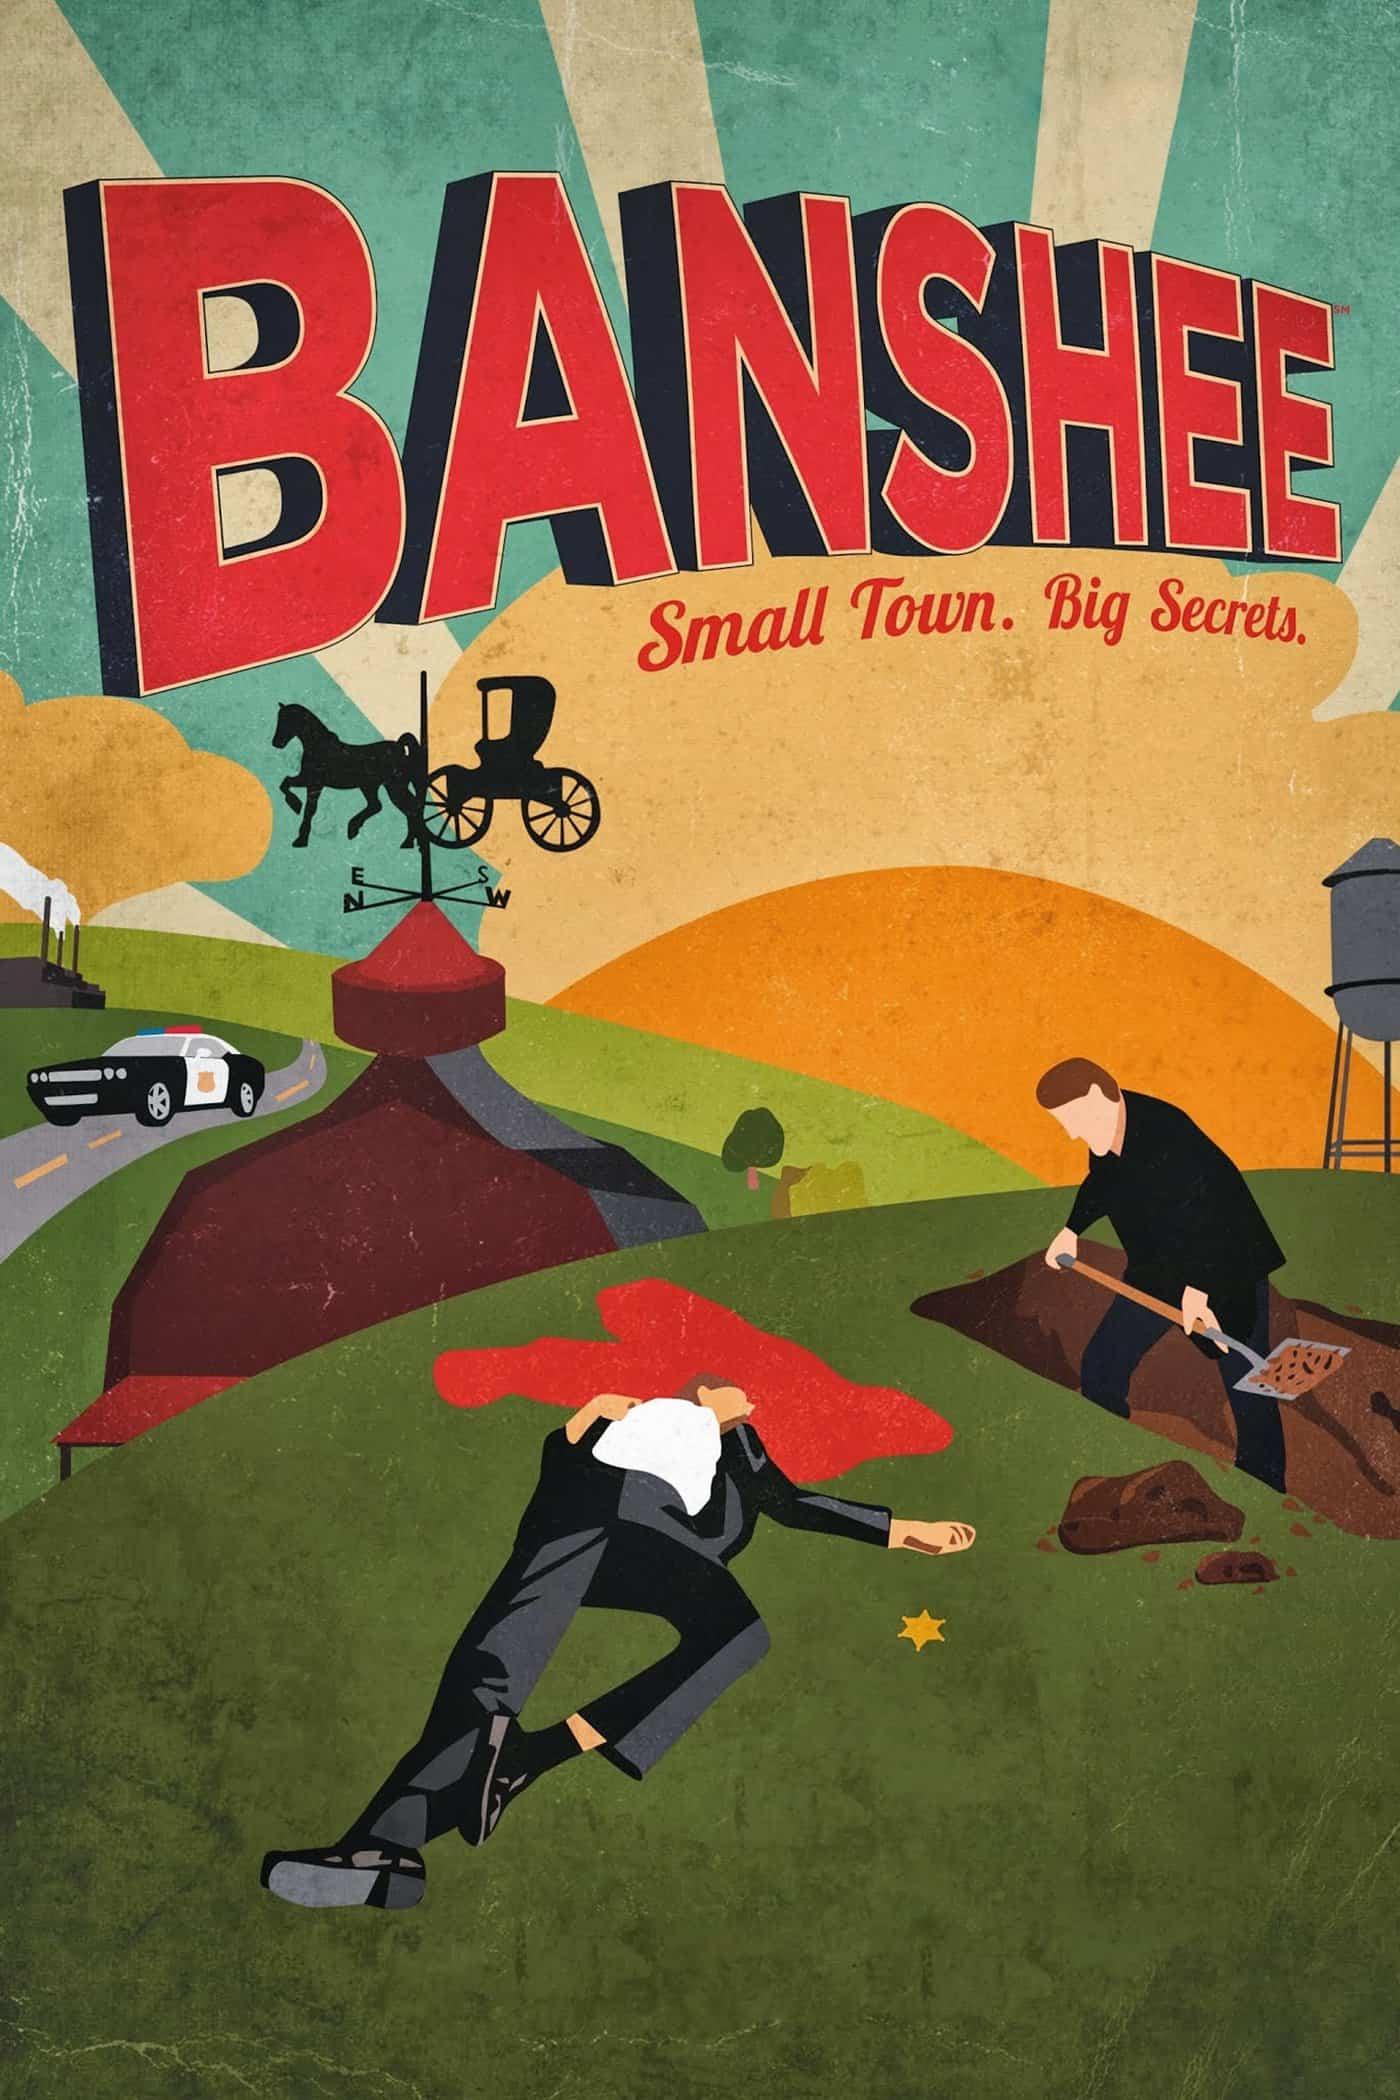 Banshee, 2013